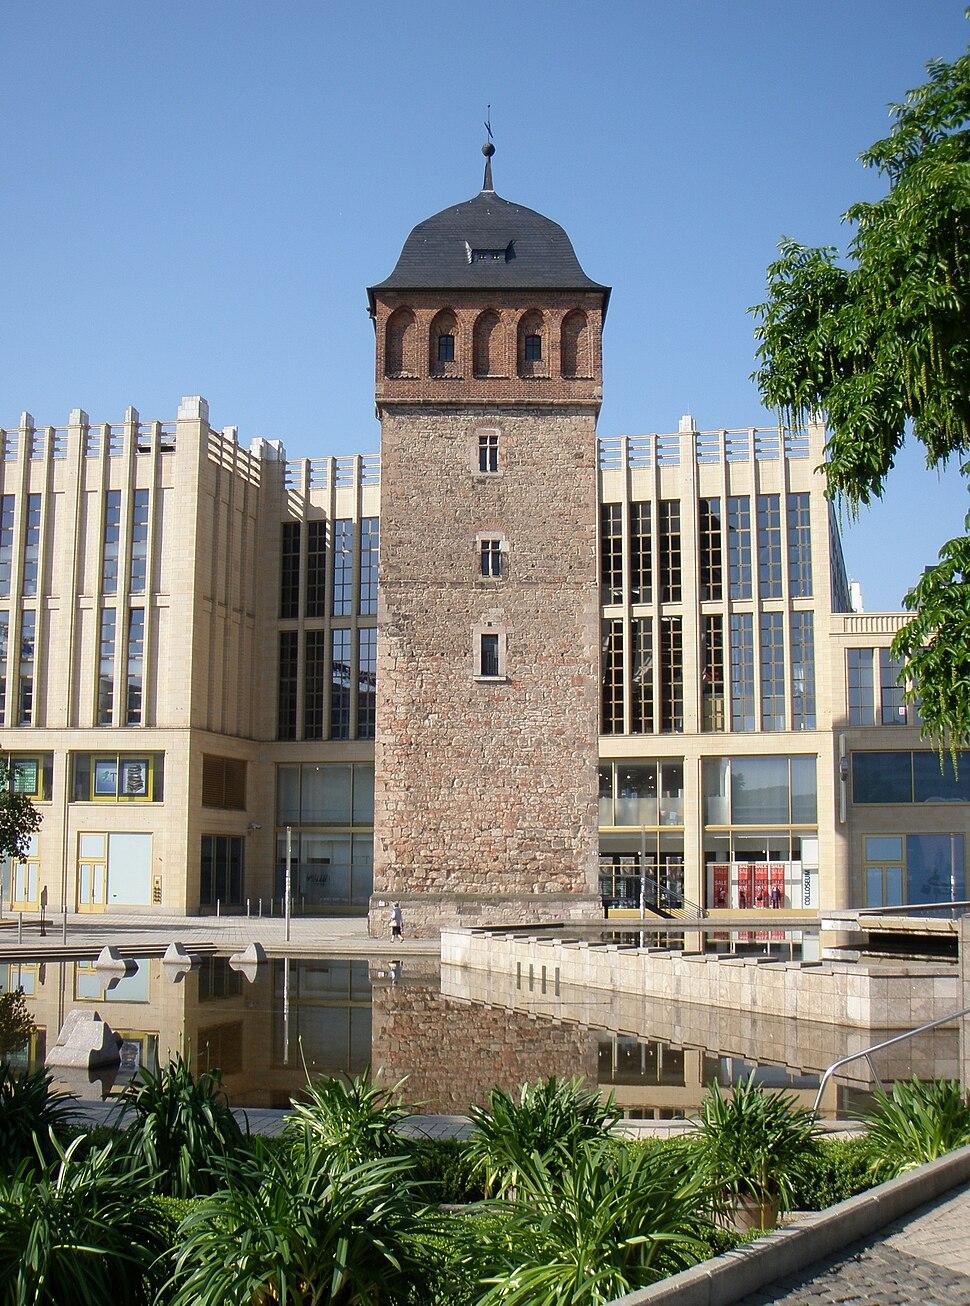 Roter Turm Chemnitz 2009 25